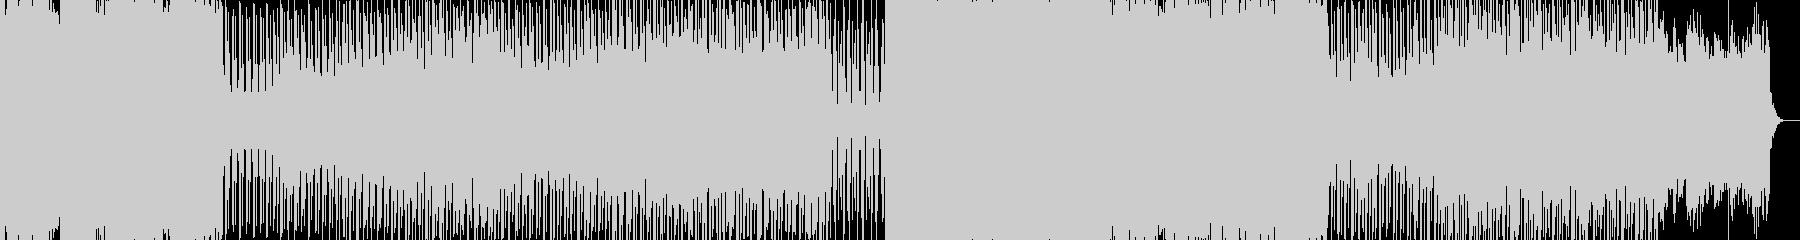 ダーク/ドラマティック/ラスボスの未再生の波形